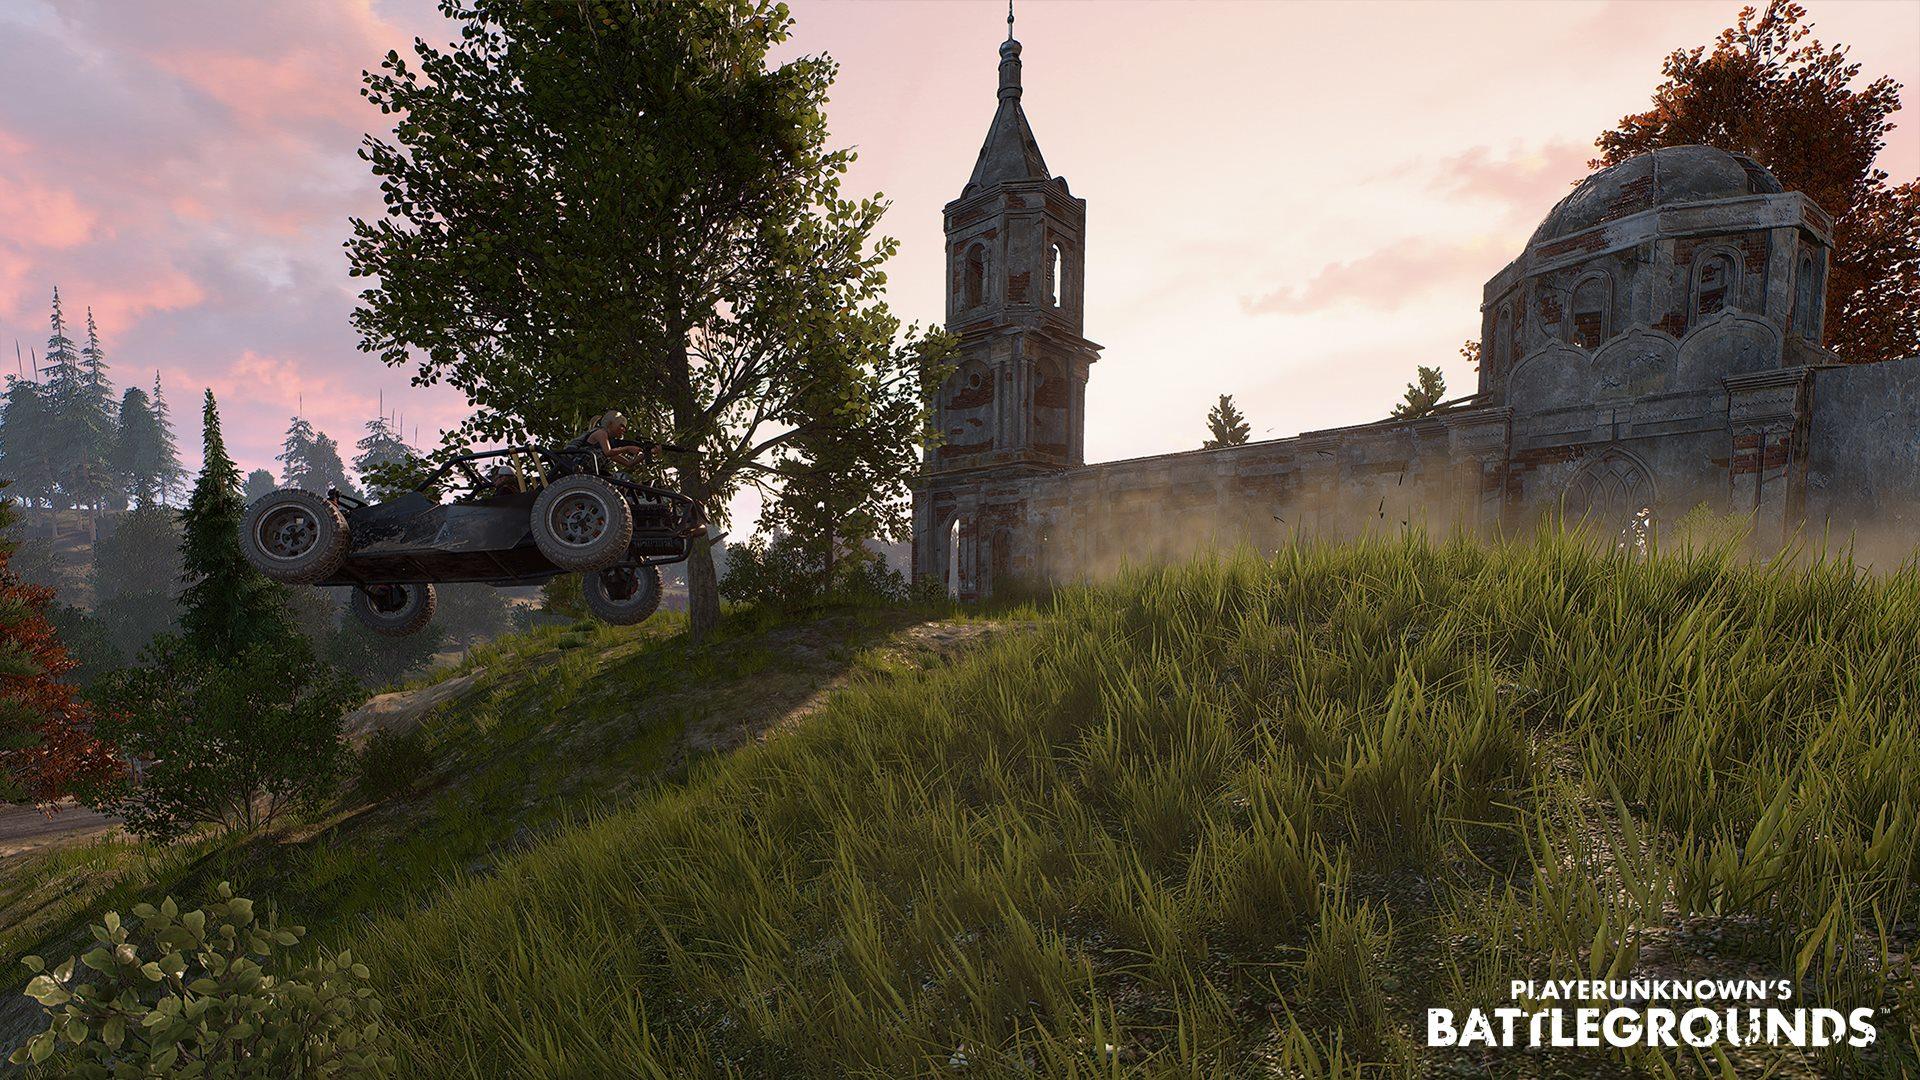 PLAYERUNKNOWNS BATTLEGROUNDS Les Versions PS4 Et Xbox One Du TPS Se Prcisent Un Peu Plus